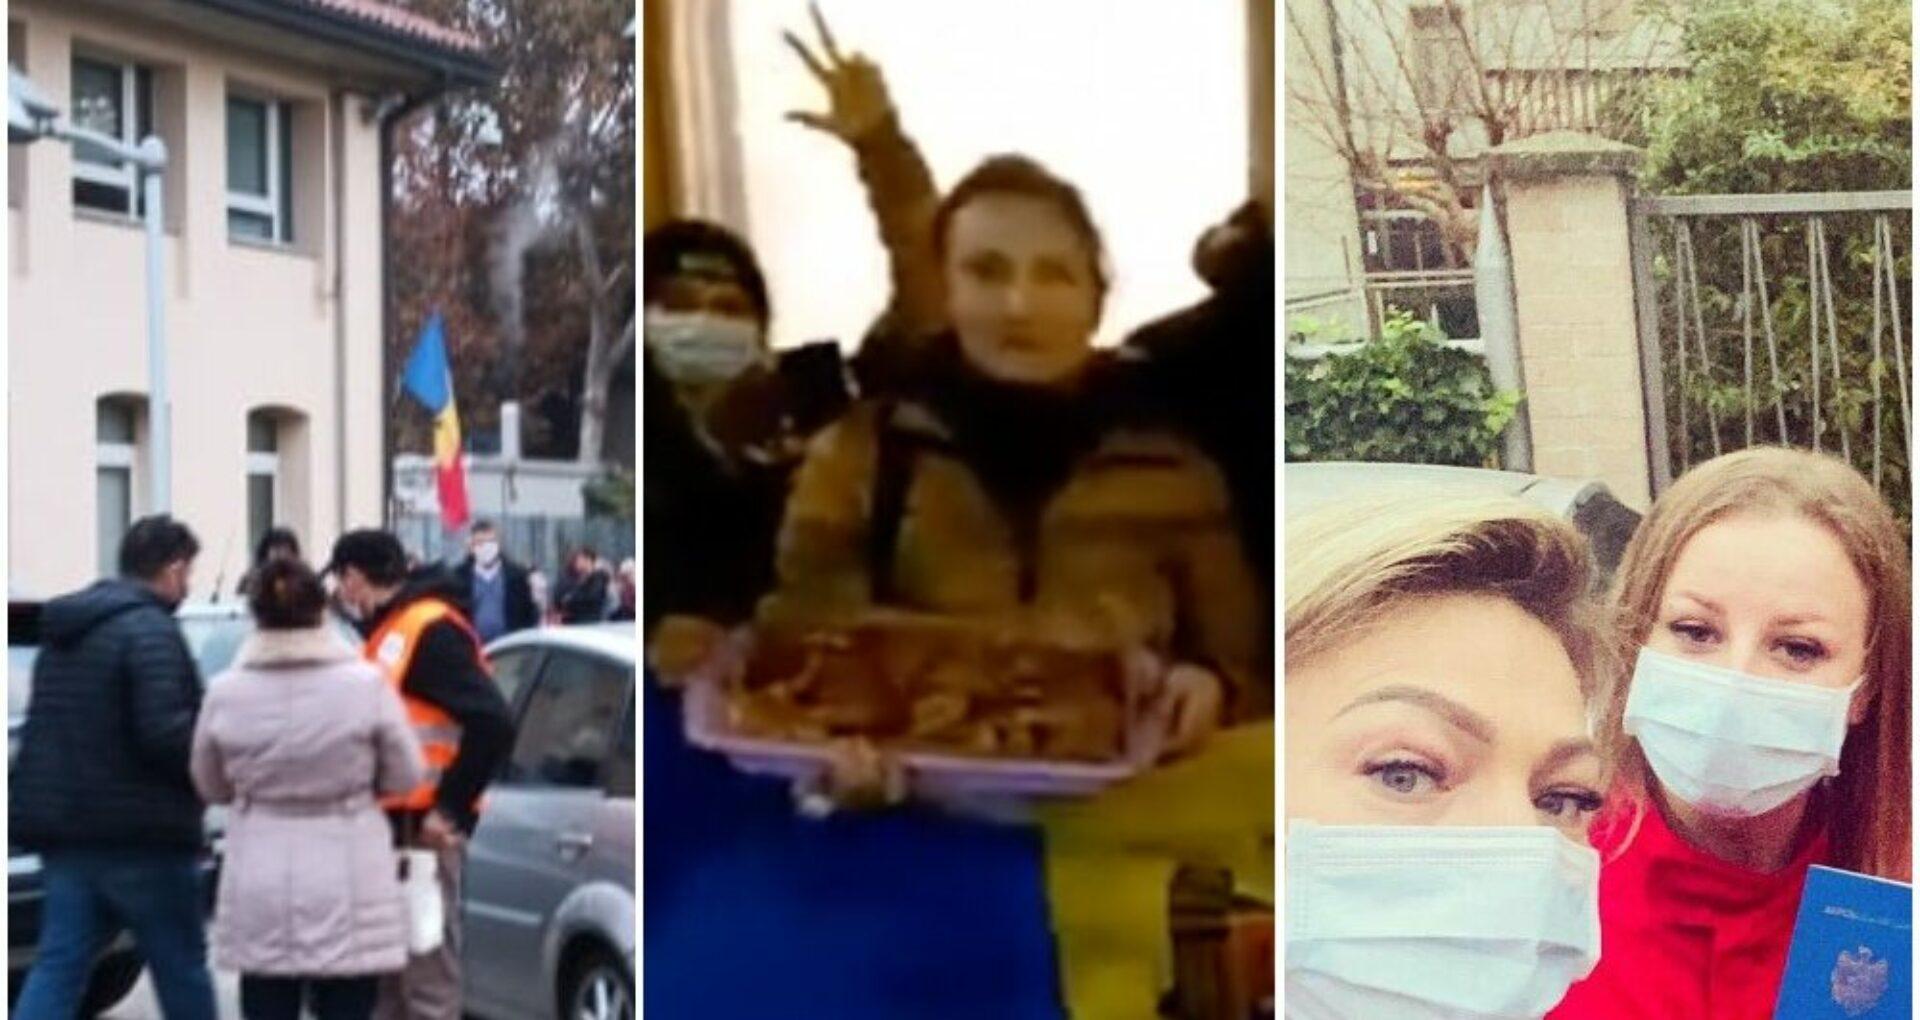 VIDEO/ Gesturile emoționante ale diasporei: Cu plăcinte la secția de la Haga, voluntari pentru ordine la Mestre și medici veniți din tură să voteze la Parma